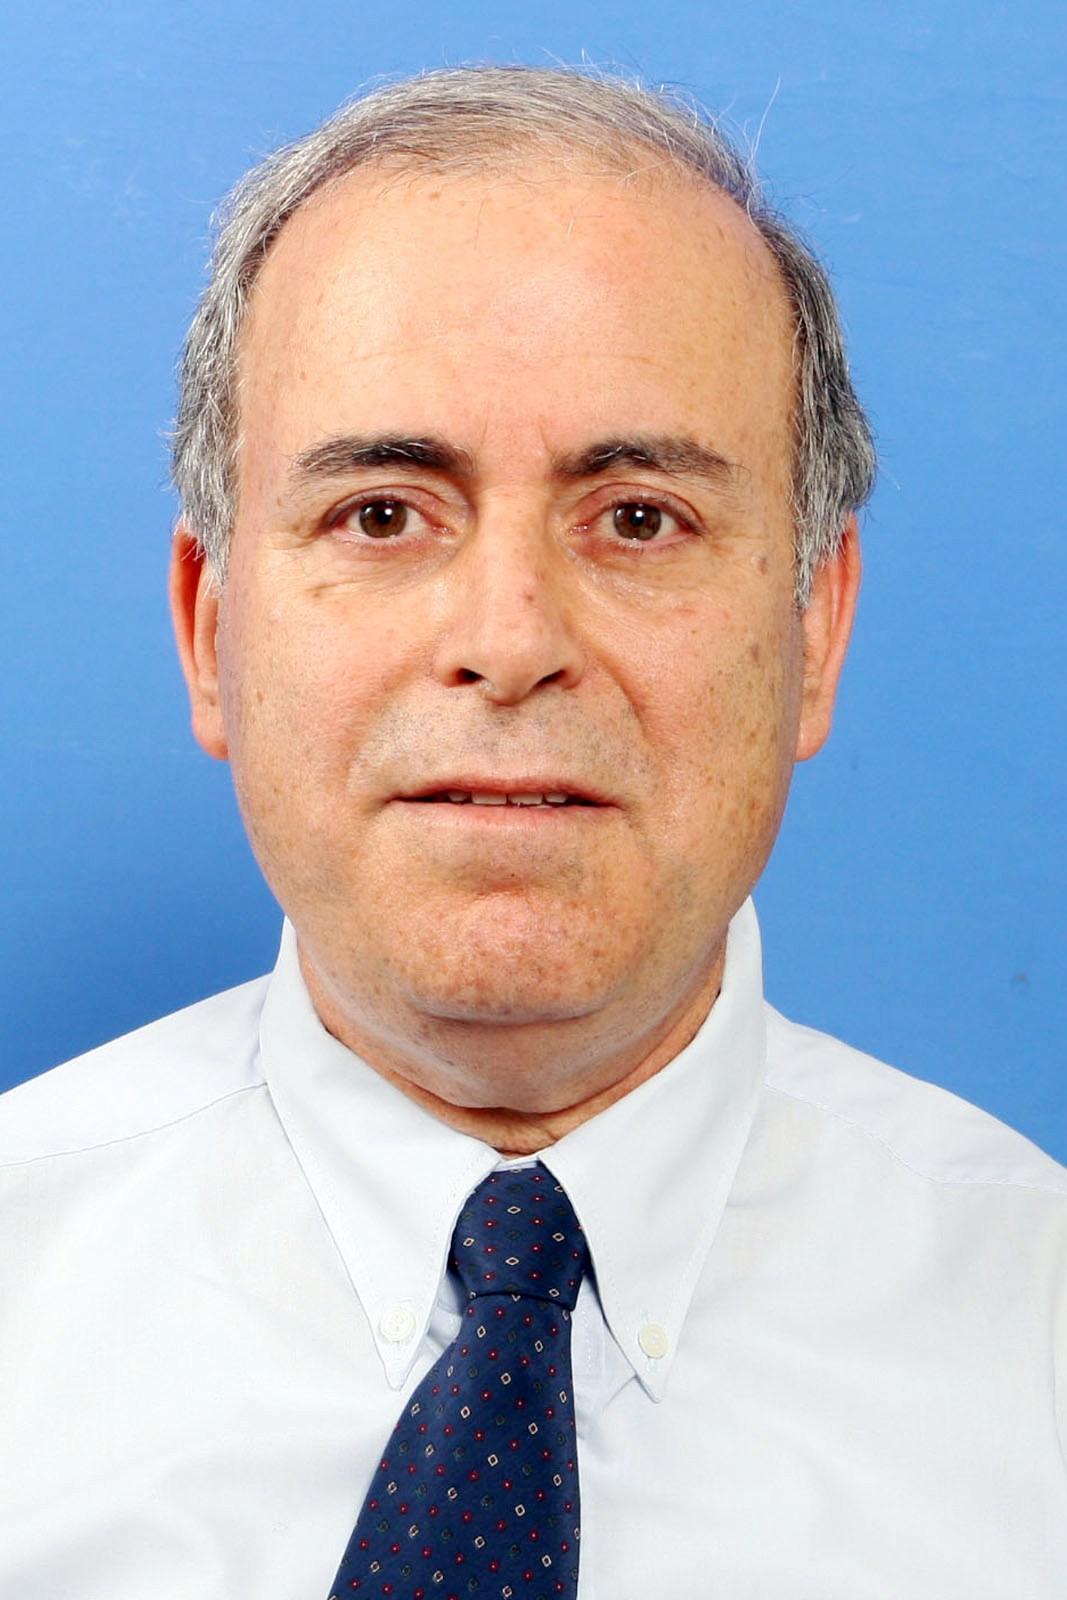 דוקטור יהושע דנינו - תמונת פרופיל